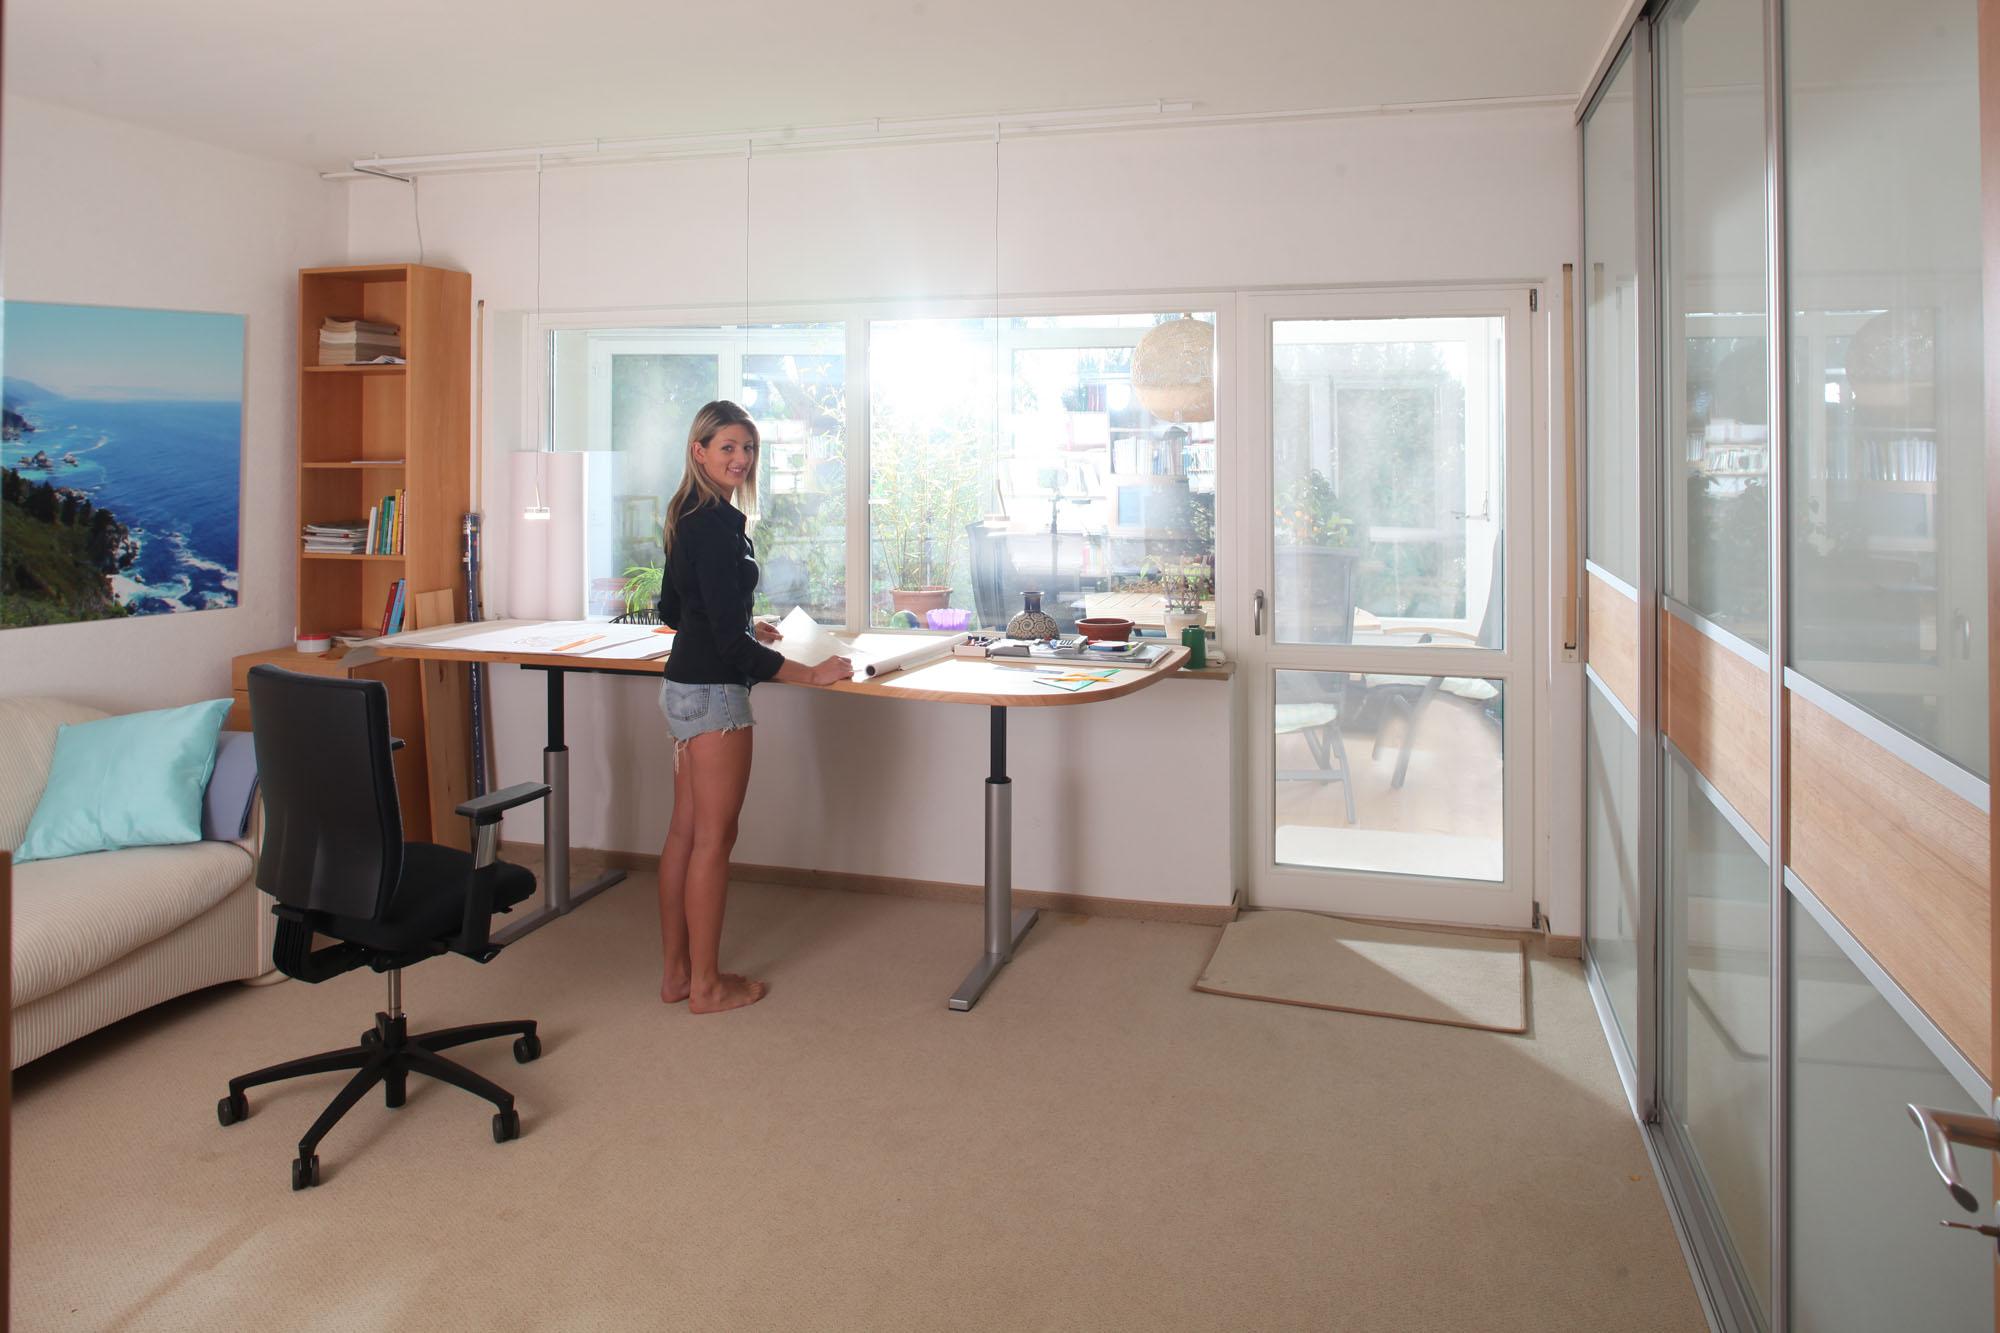 hobbyzimmer r ckzugszimmer frauenzimmer herrenzimmer. Black Bedroom Furniture Sets. Home Design Ideas